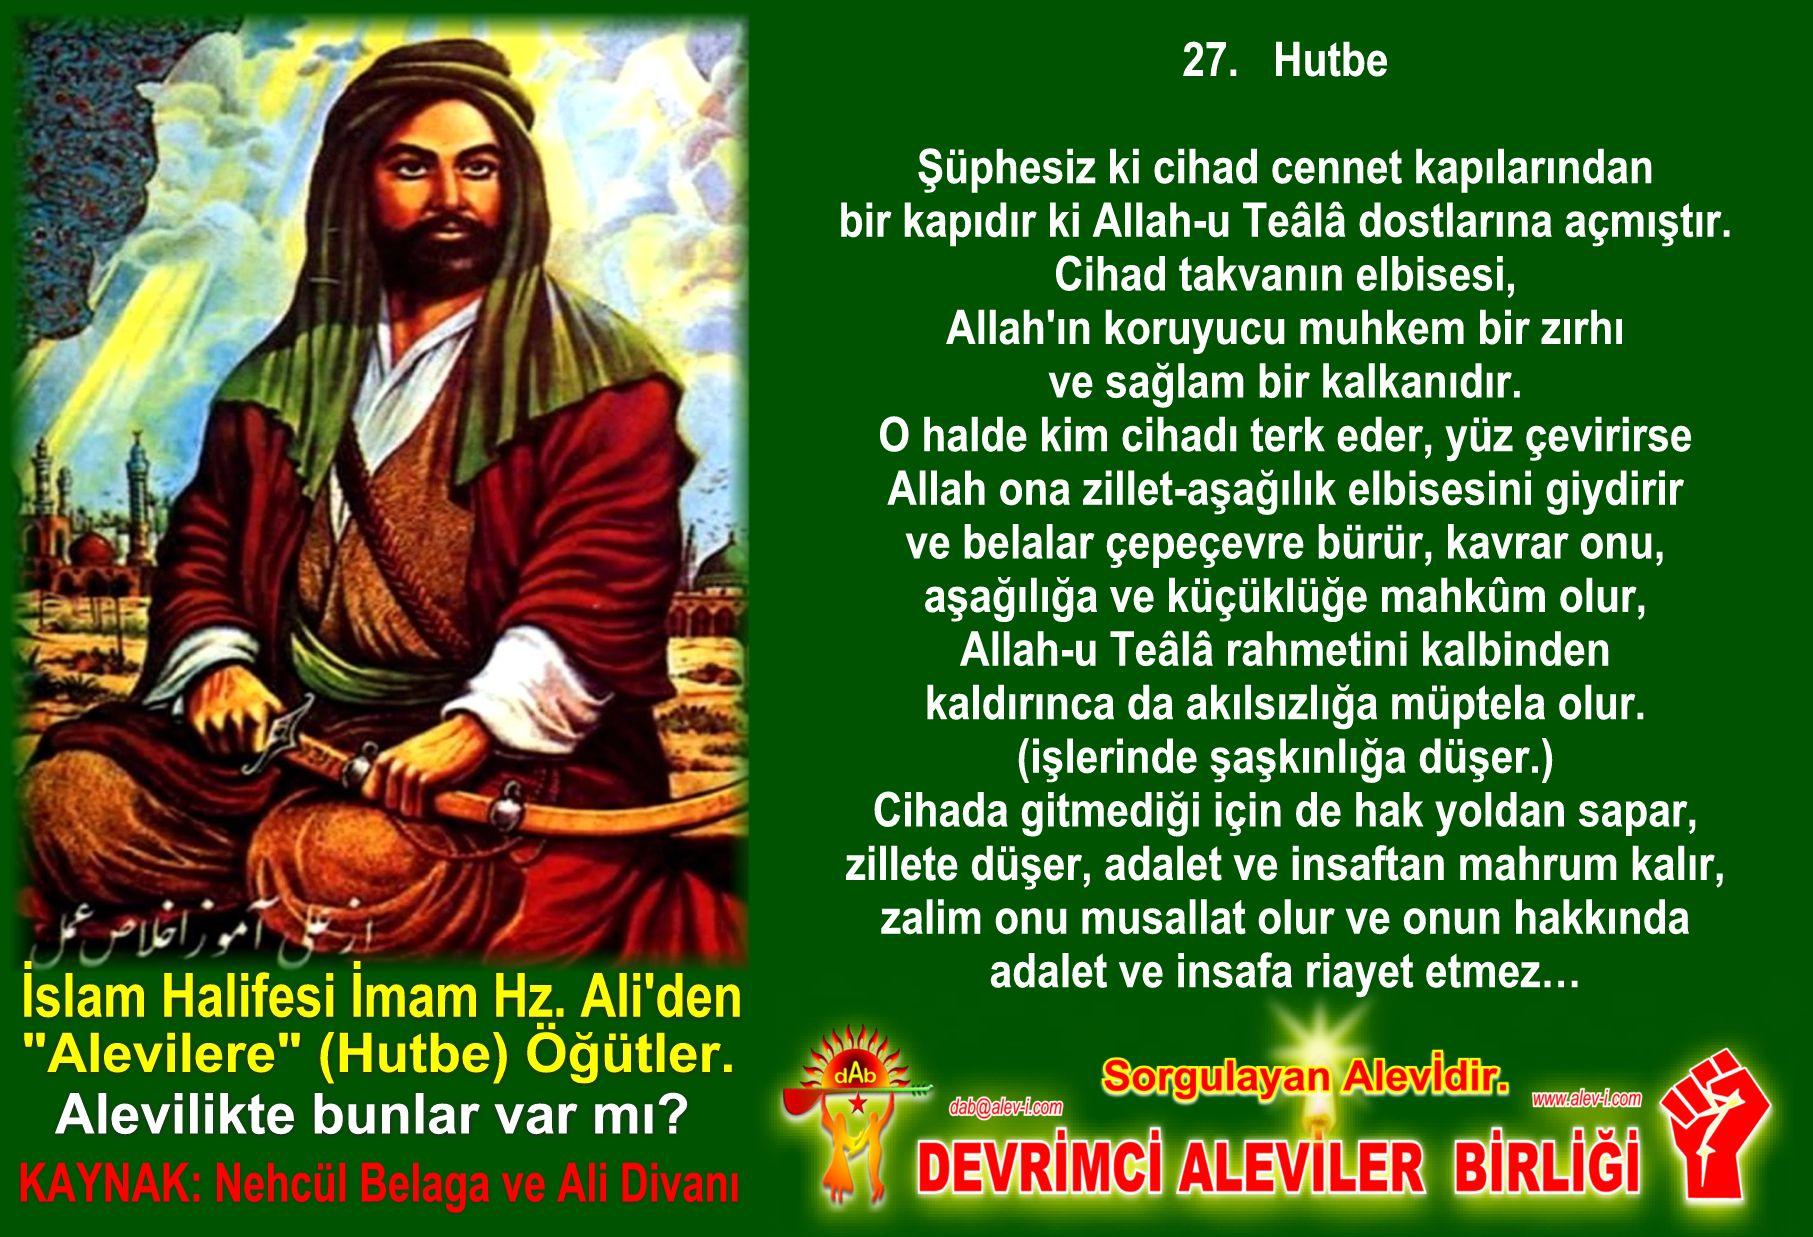 12 Hz imam Ali divani Alevi bektasi kizilbas pir sultan cemevi cem semah devrimci aleviler birligi DAB Feramuz Sah Acar halife imam hz ali den hutbe ogut inciler 6